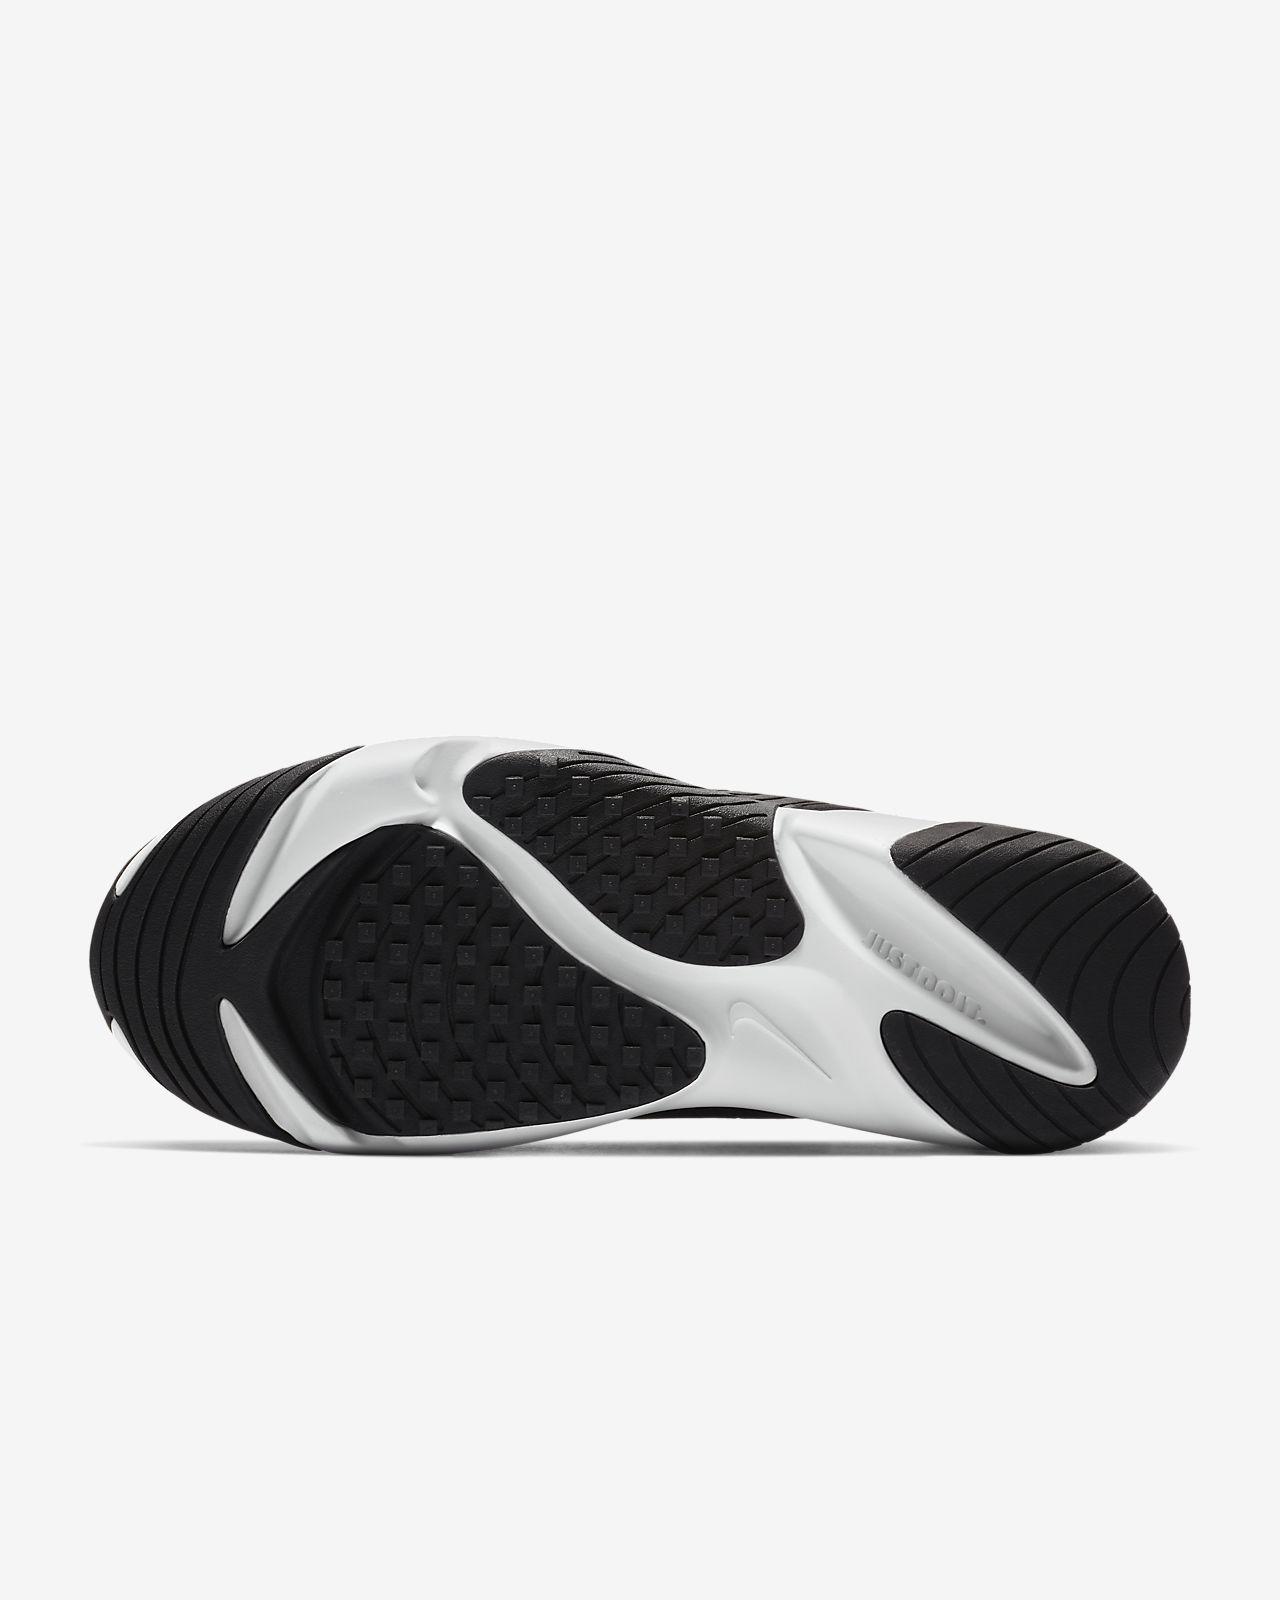 promo code 5a9ac 5405e ... Nike Zoom 2K Women s Shoe